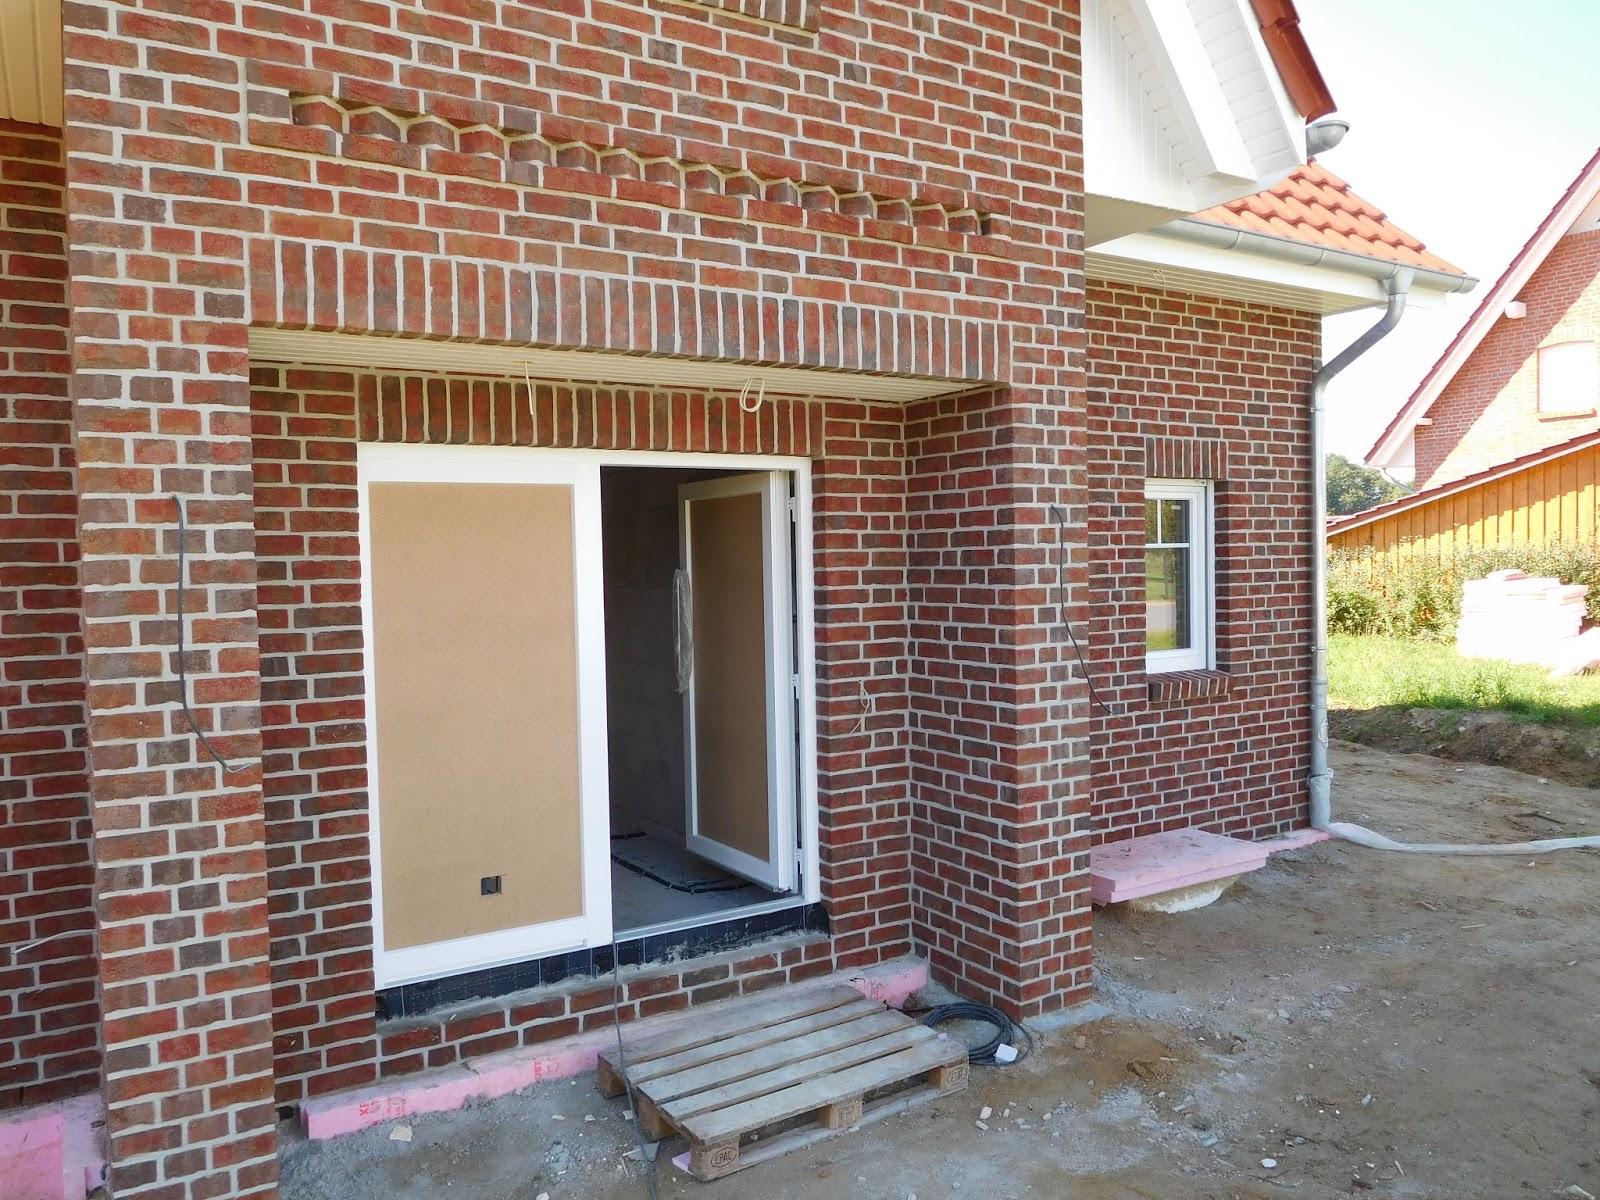 Bautagebuch Von Mirjam Und Thorsten: August 2016